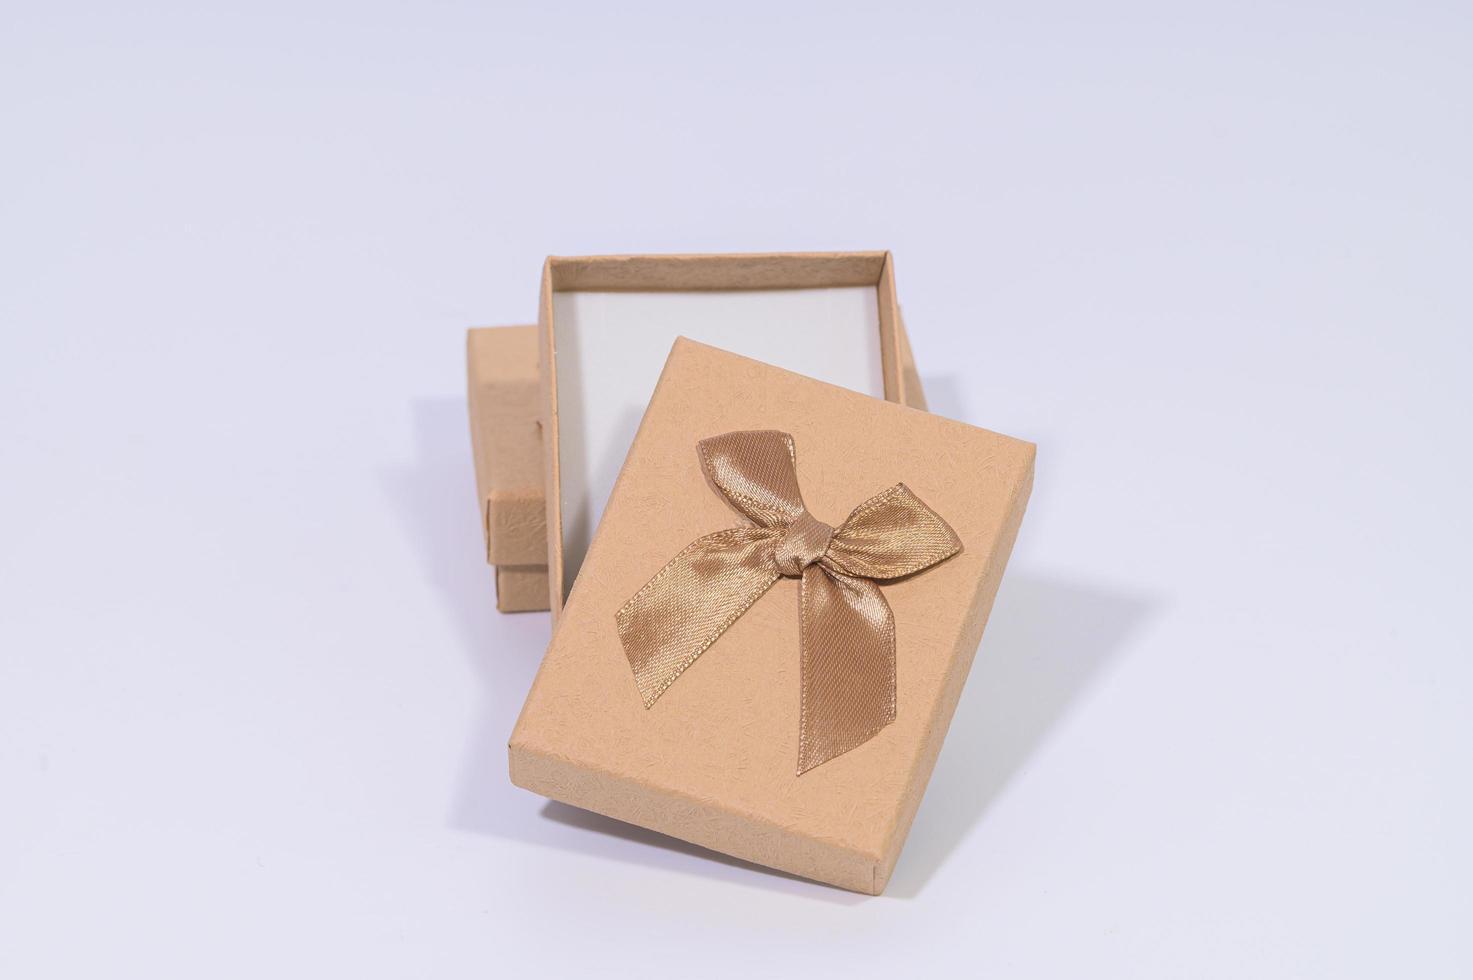 Cajas de regalo marrón sobre fondo blanco. foto